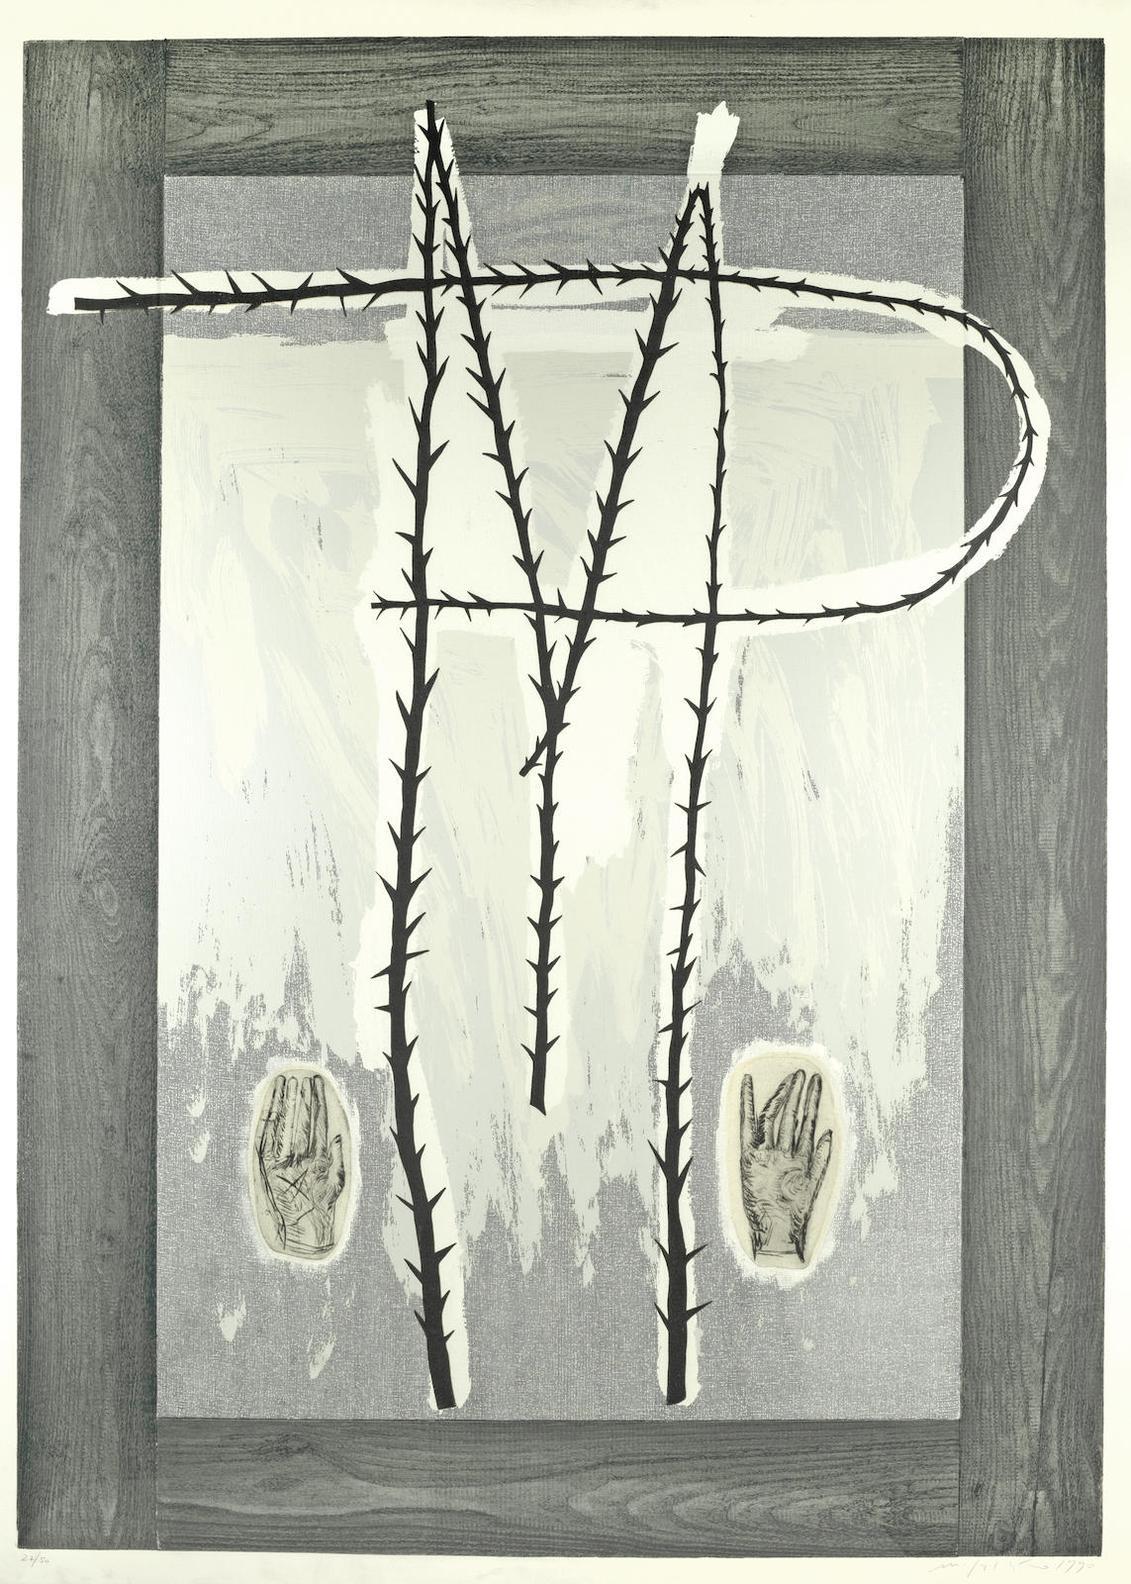 Mimmo Paladino-Gli Alberi Che Nel Corpo Nascono (Trees That Spring From The Body Itself)-1990